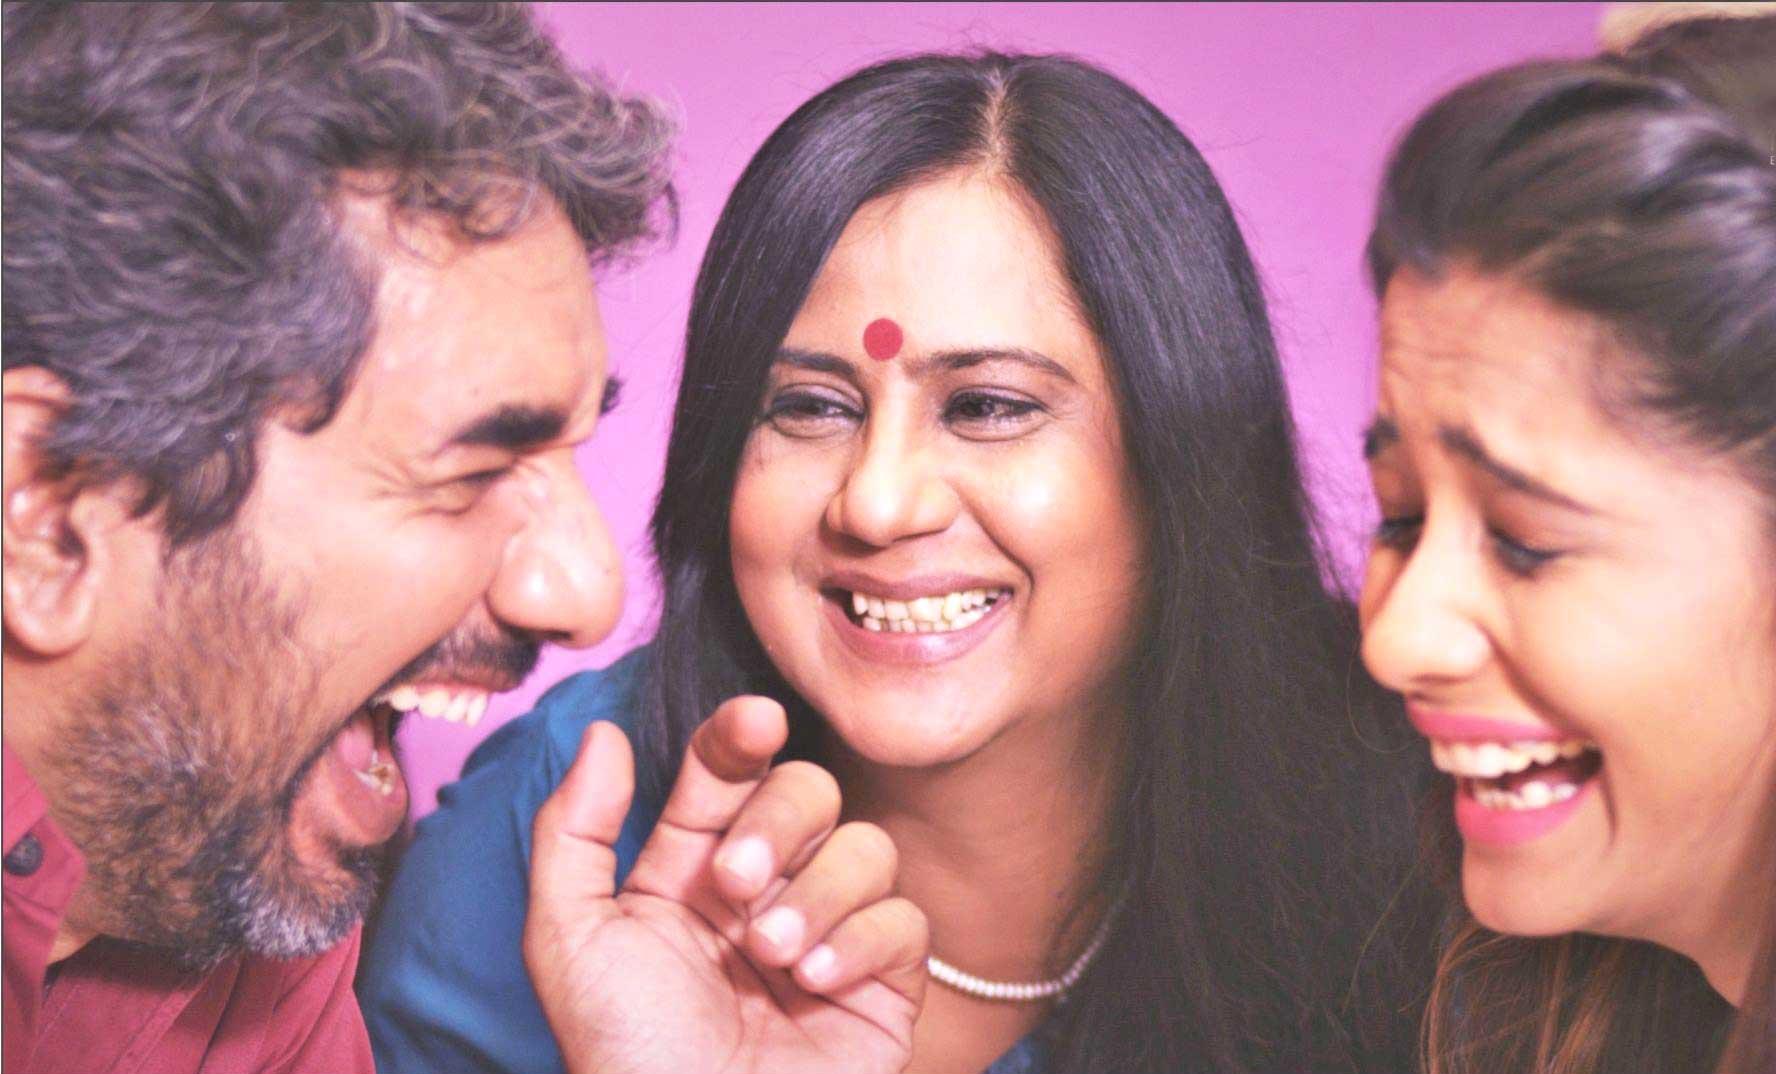 ફિલ્મ 'વિટામિન શી'ના એક સીનમાં આશિષ કક્કડ, કુમકુમ દાસ તથા ભક્તિ કુબાવત